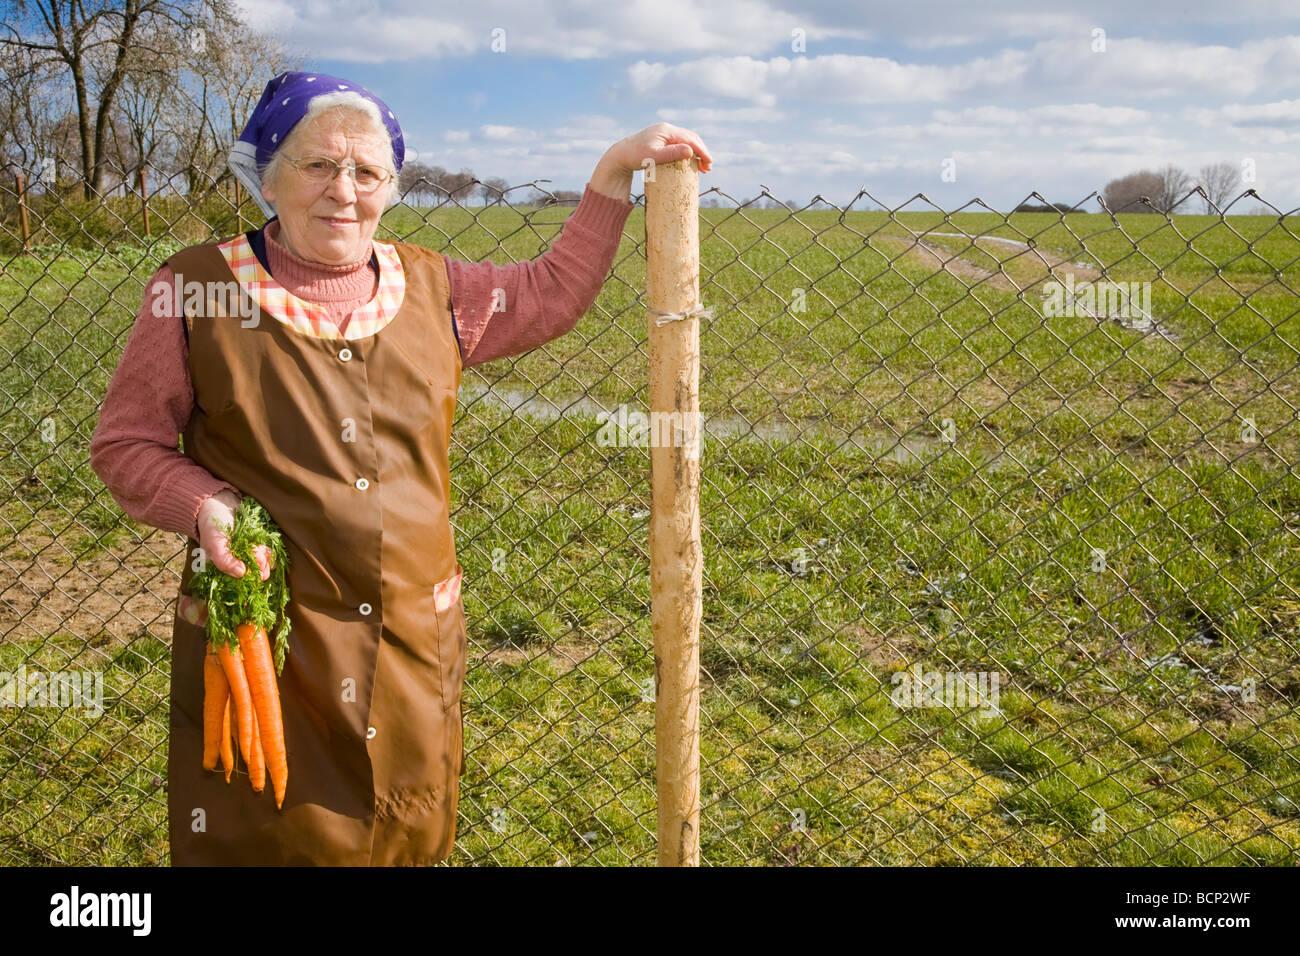 Frau in ihren Siebzigern mit Kopftuch und Schütze steht lächelnd mit einem Bündel Mohrrüben vor einem Feld Stock Photo